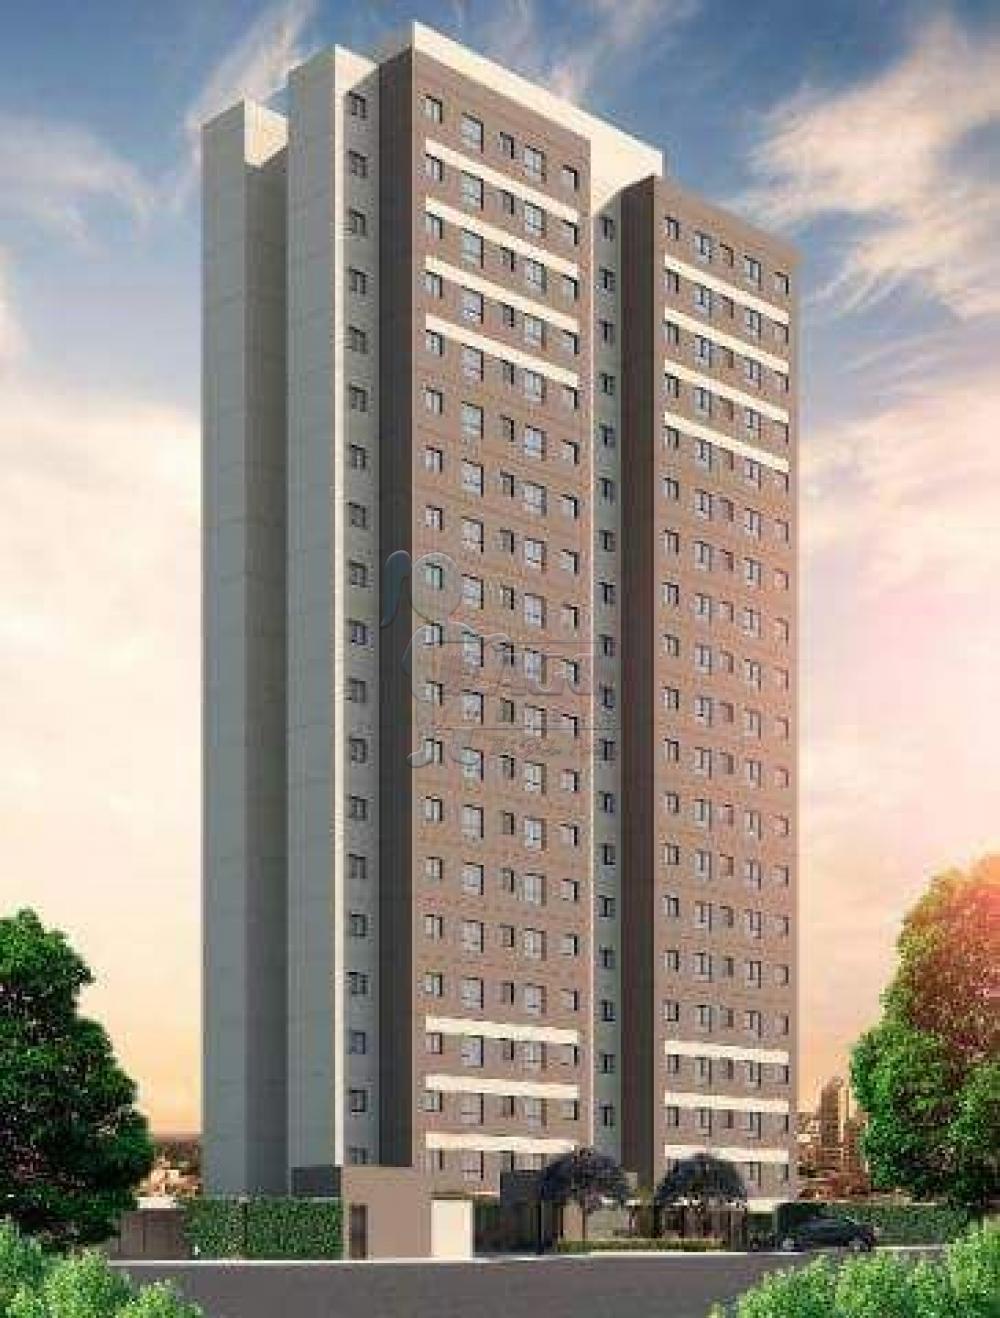 Comprar Apartamento / Padrão em Ribeirão Preto apenas R$ 189.900,00 - Foto 1